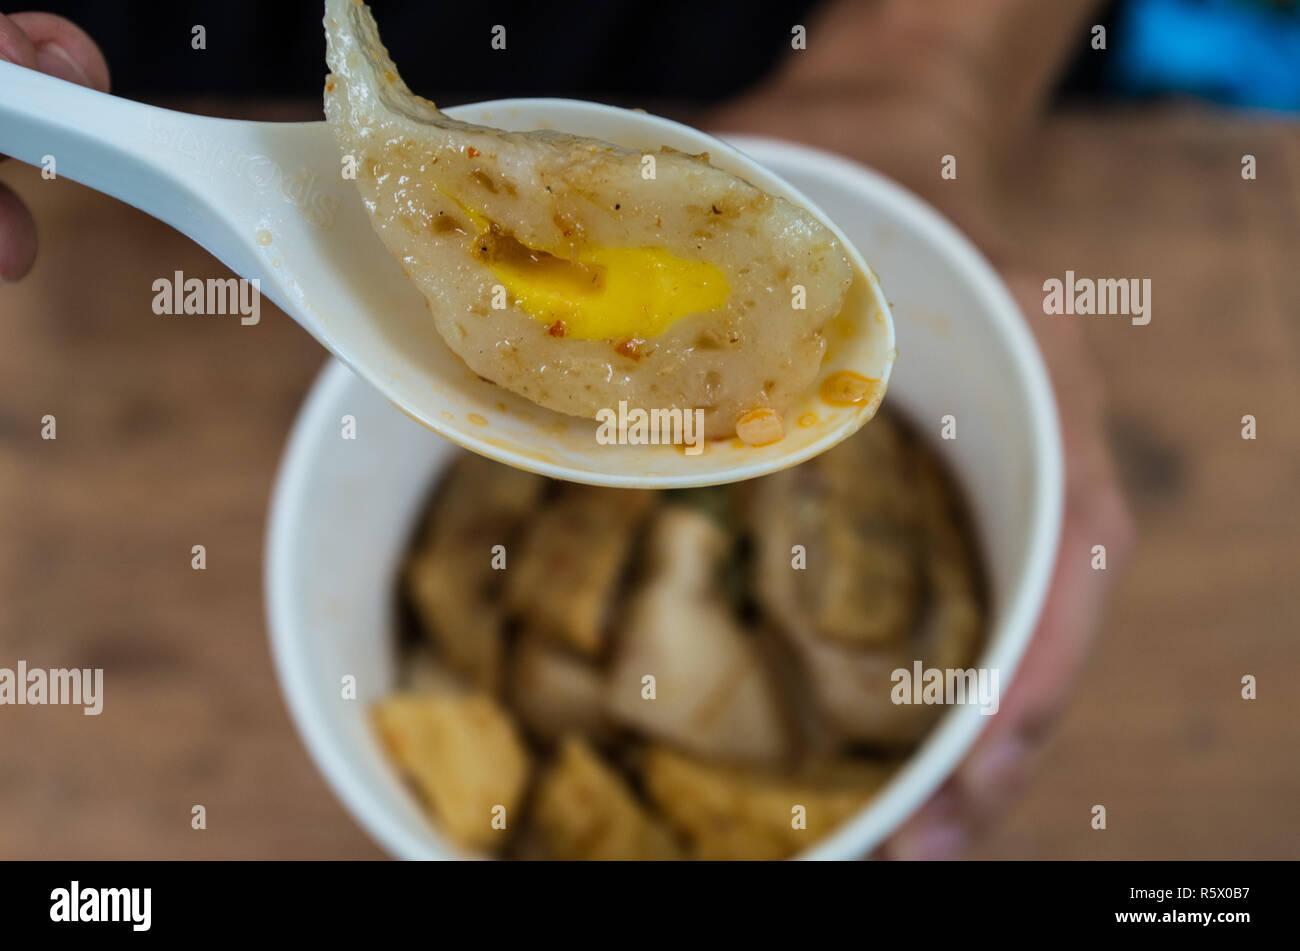 Pempek Palembang - fishcake delicacy from Palembang, Sumatra, Indonesia - close-up - Stock Image